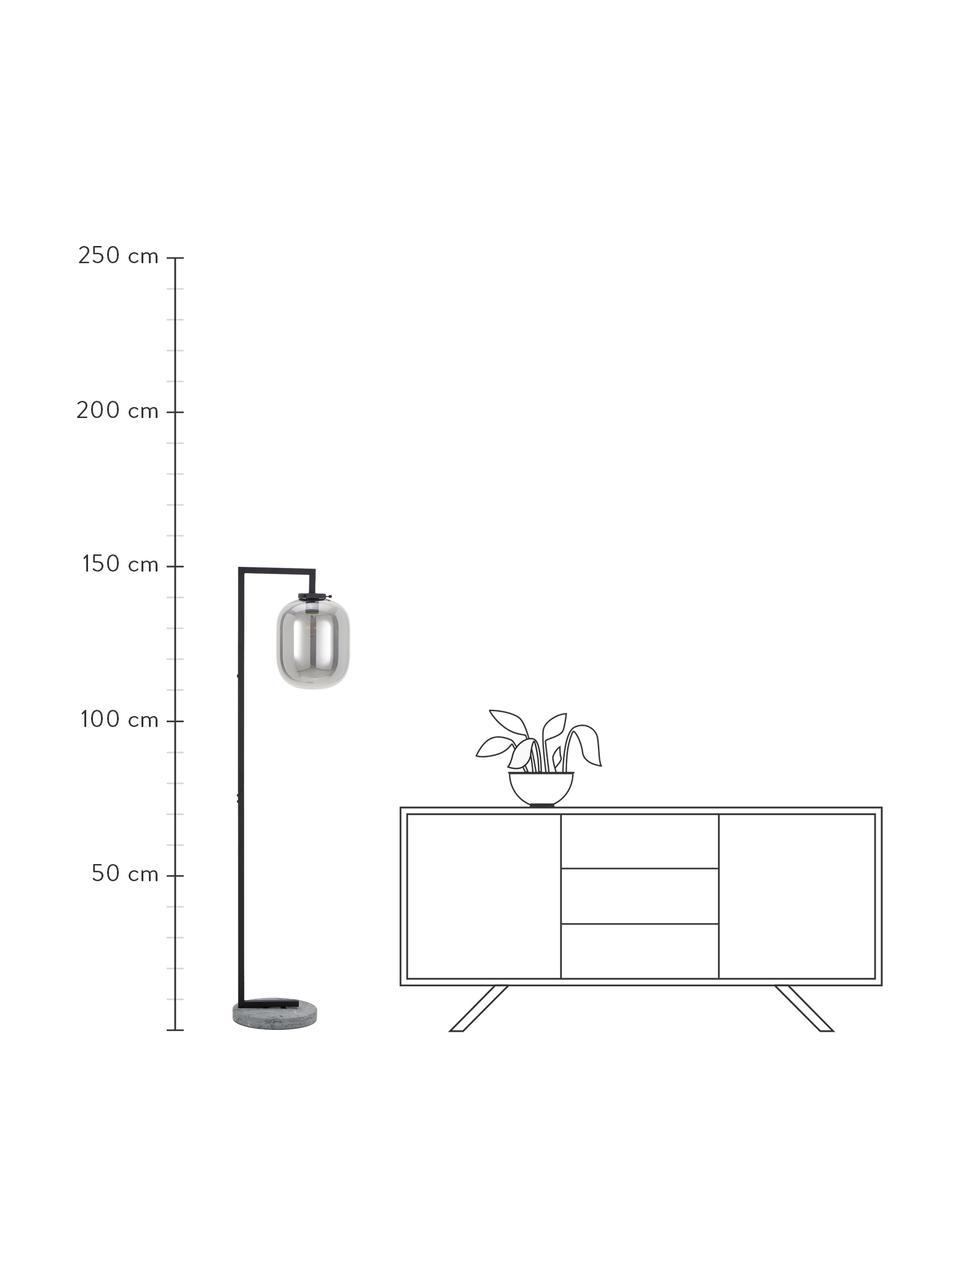 Lampa podłogowa z marmurową podstawą Leola, Stelaż: metal lakierowany, Odcienie chromu, czarny, Ø 38 x W 150 cm